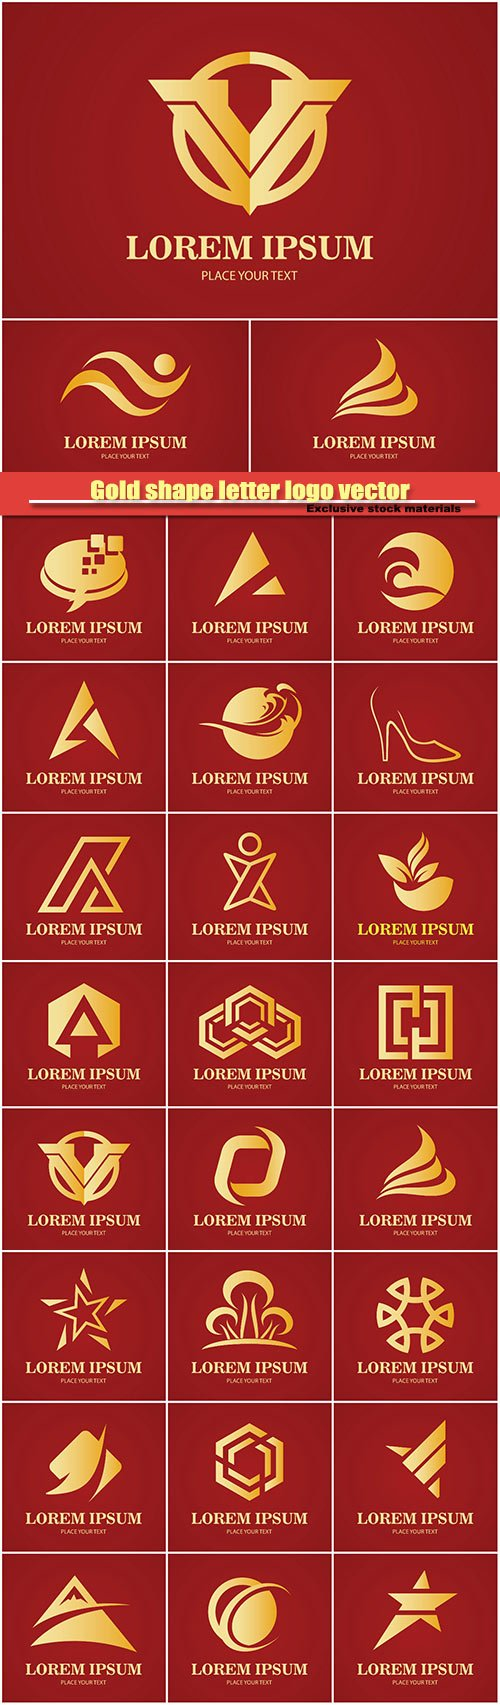 Gold shape letter logo vector